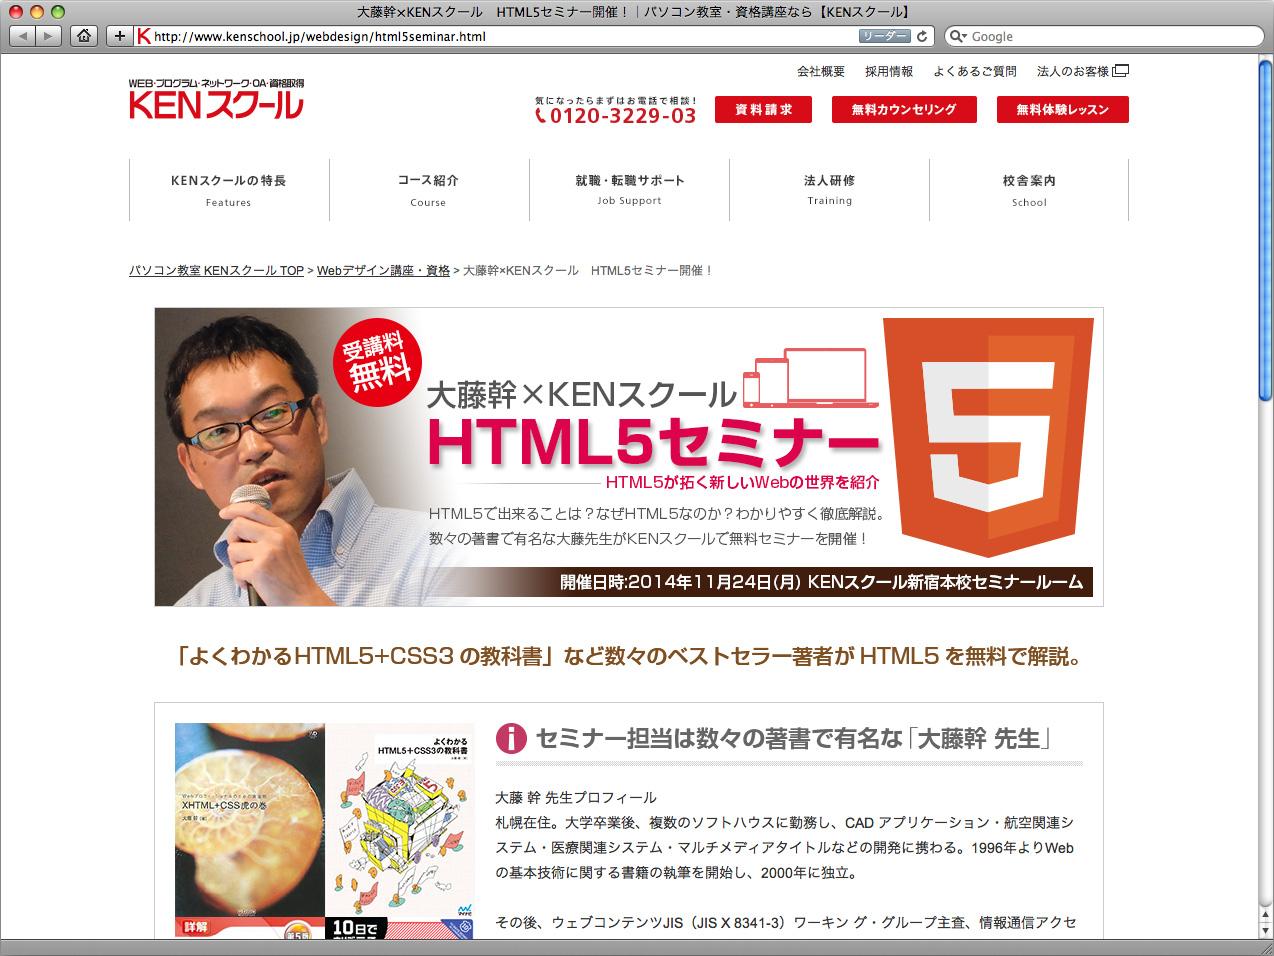 大藤幹×KENスクール HTML5セミナーのページへ。